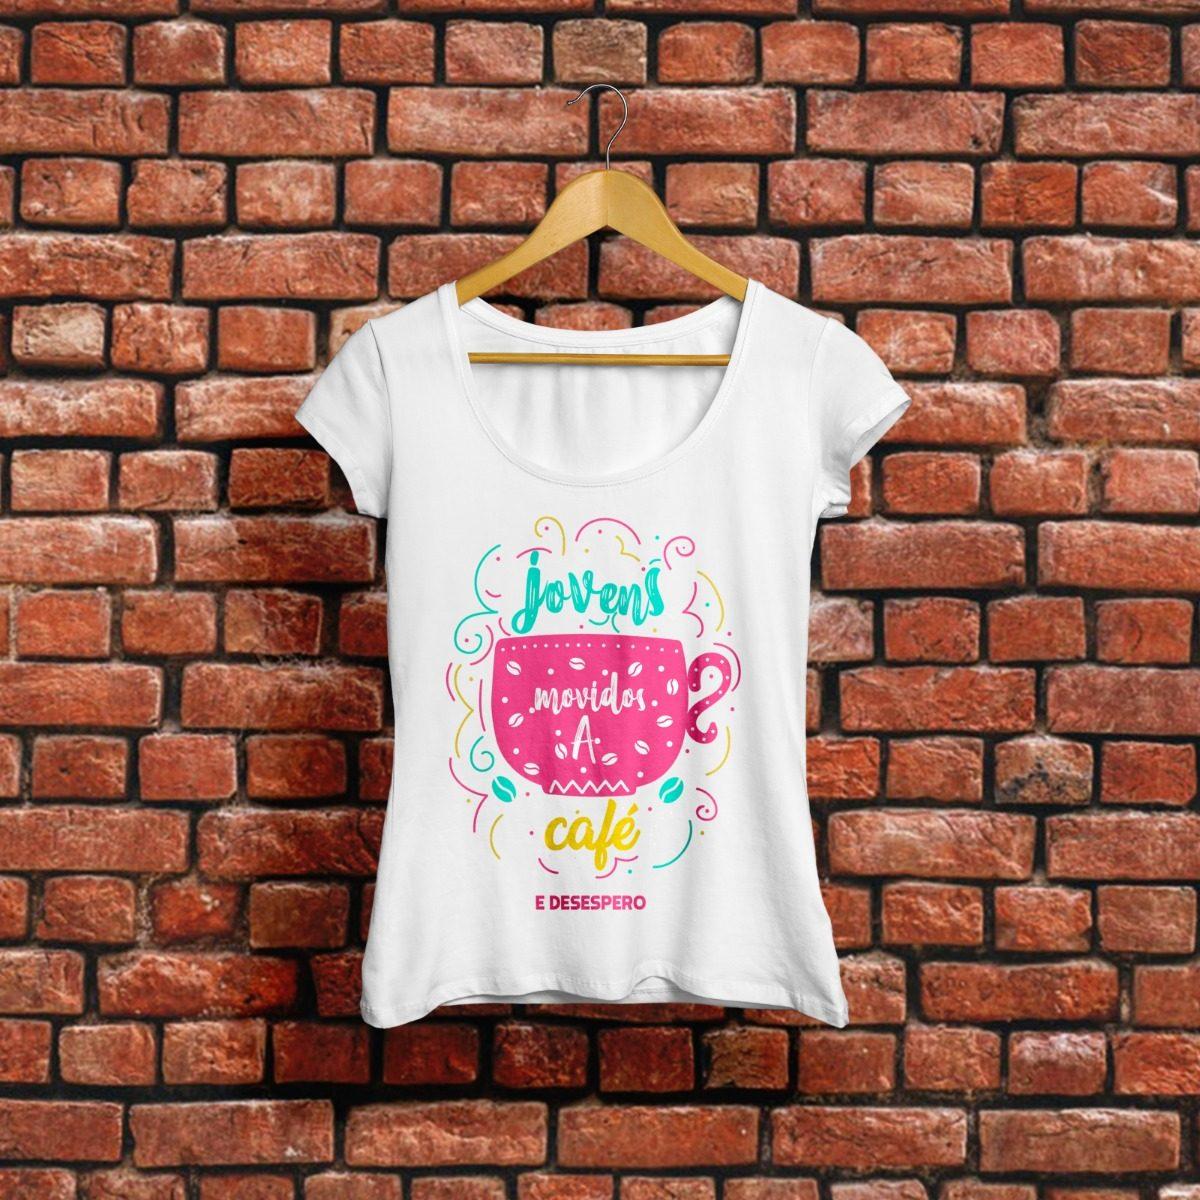 Camiseta Frases Motivacionais Jovens Tumblr Divertidas R 4990 Em